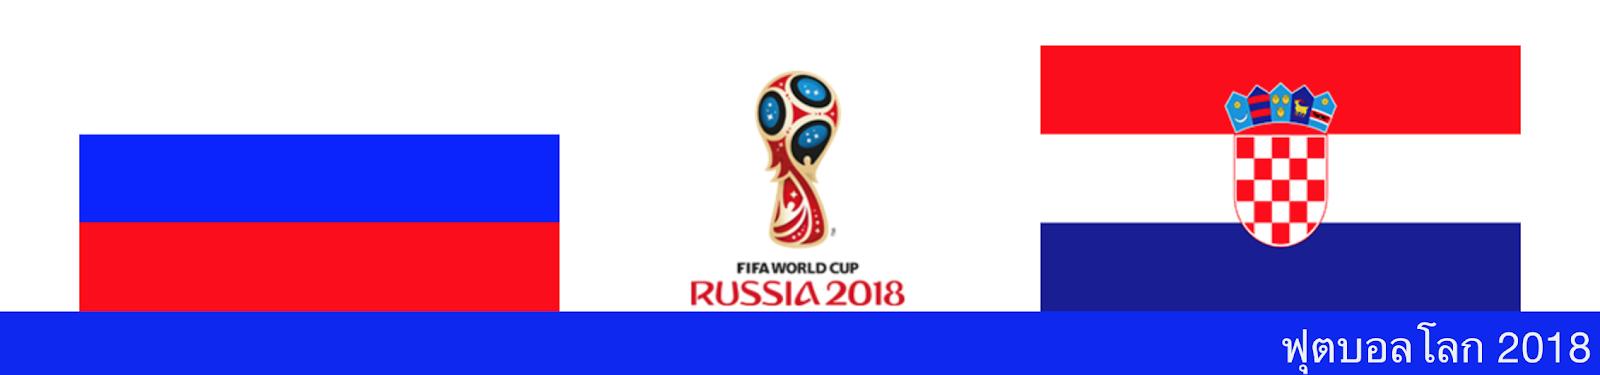 ดูบอลสด วิเคราะห์บอล ฟุตบอลโลก ระหว่าง รัสเซีย vs โครเอเชีย